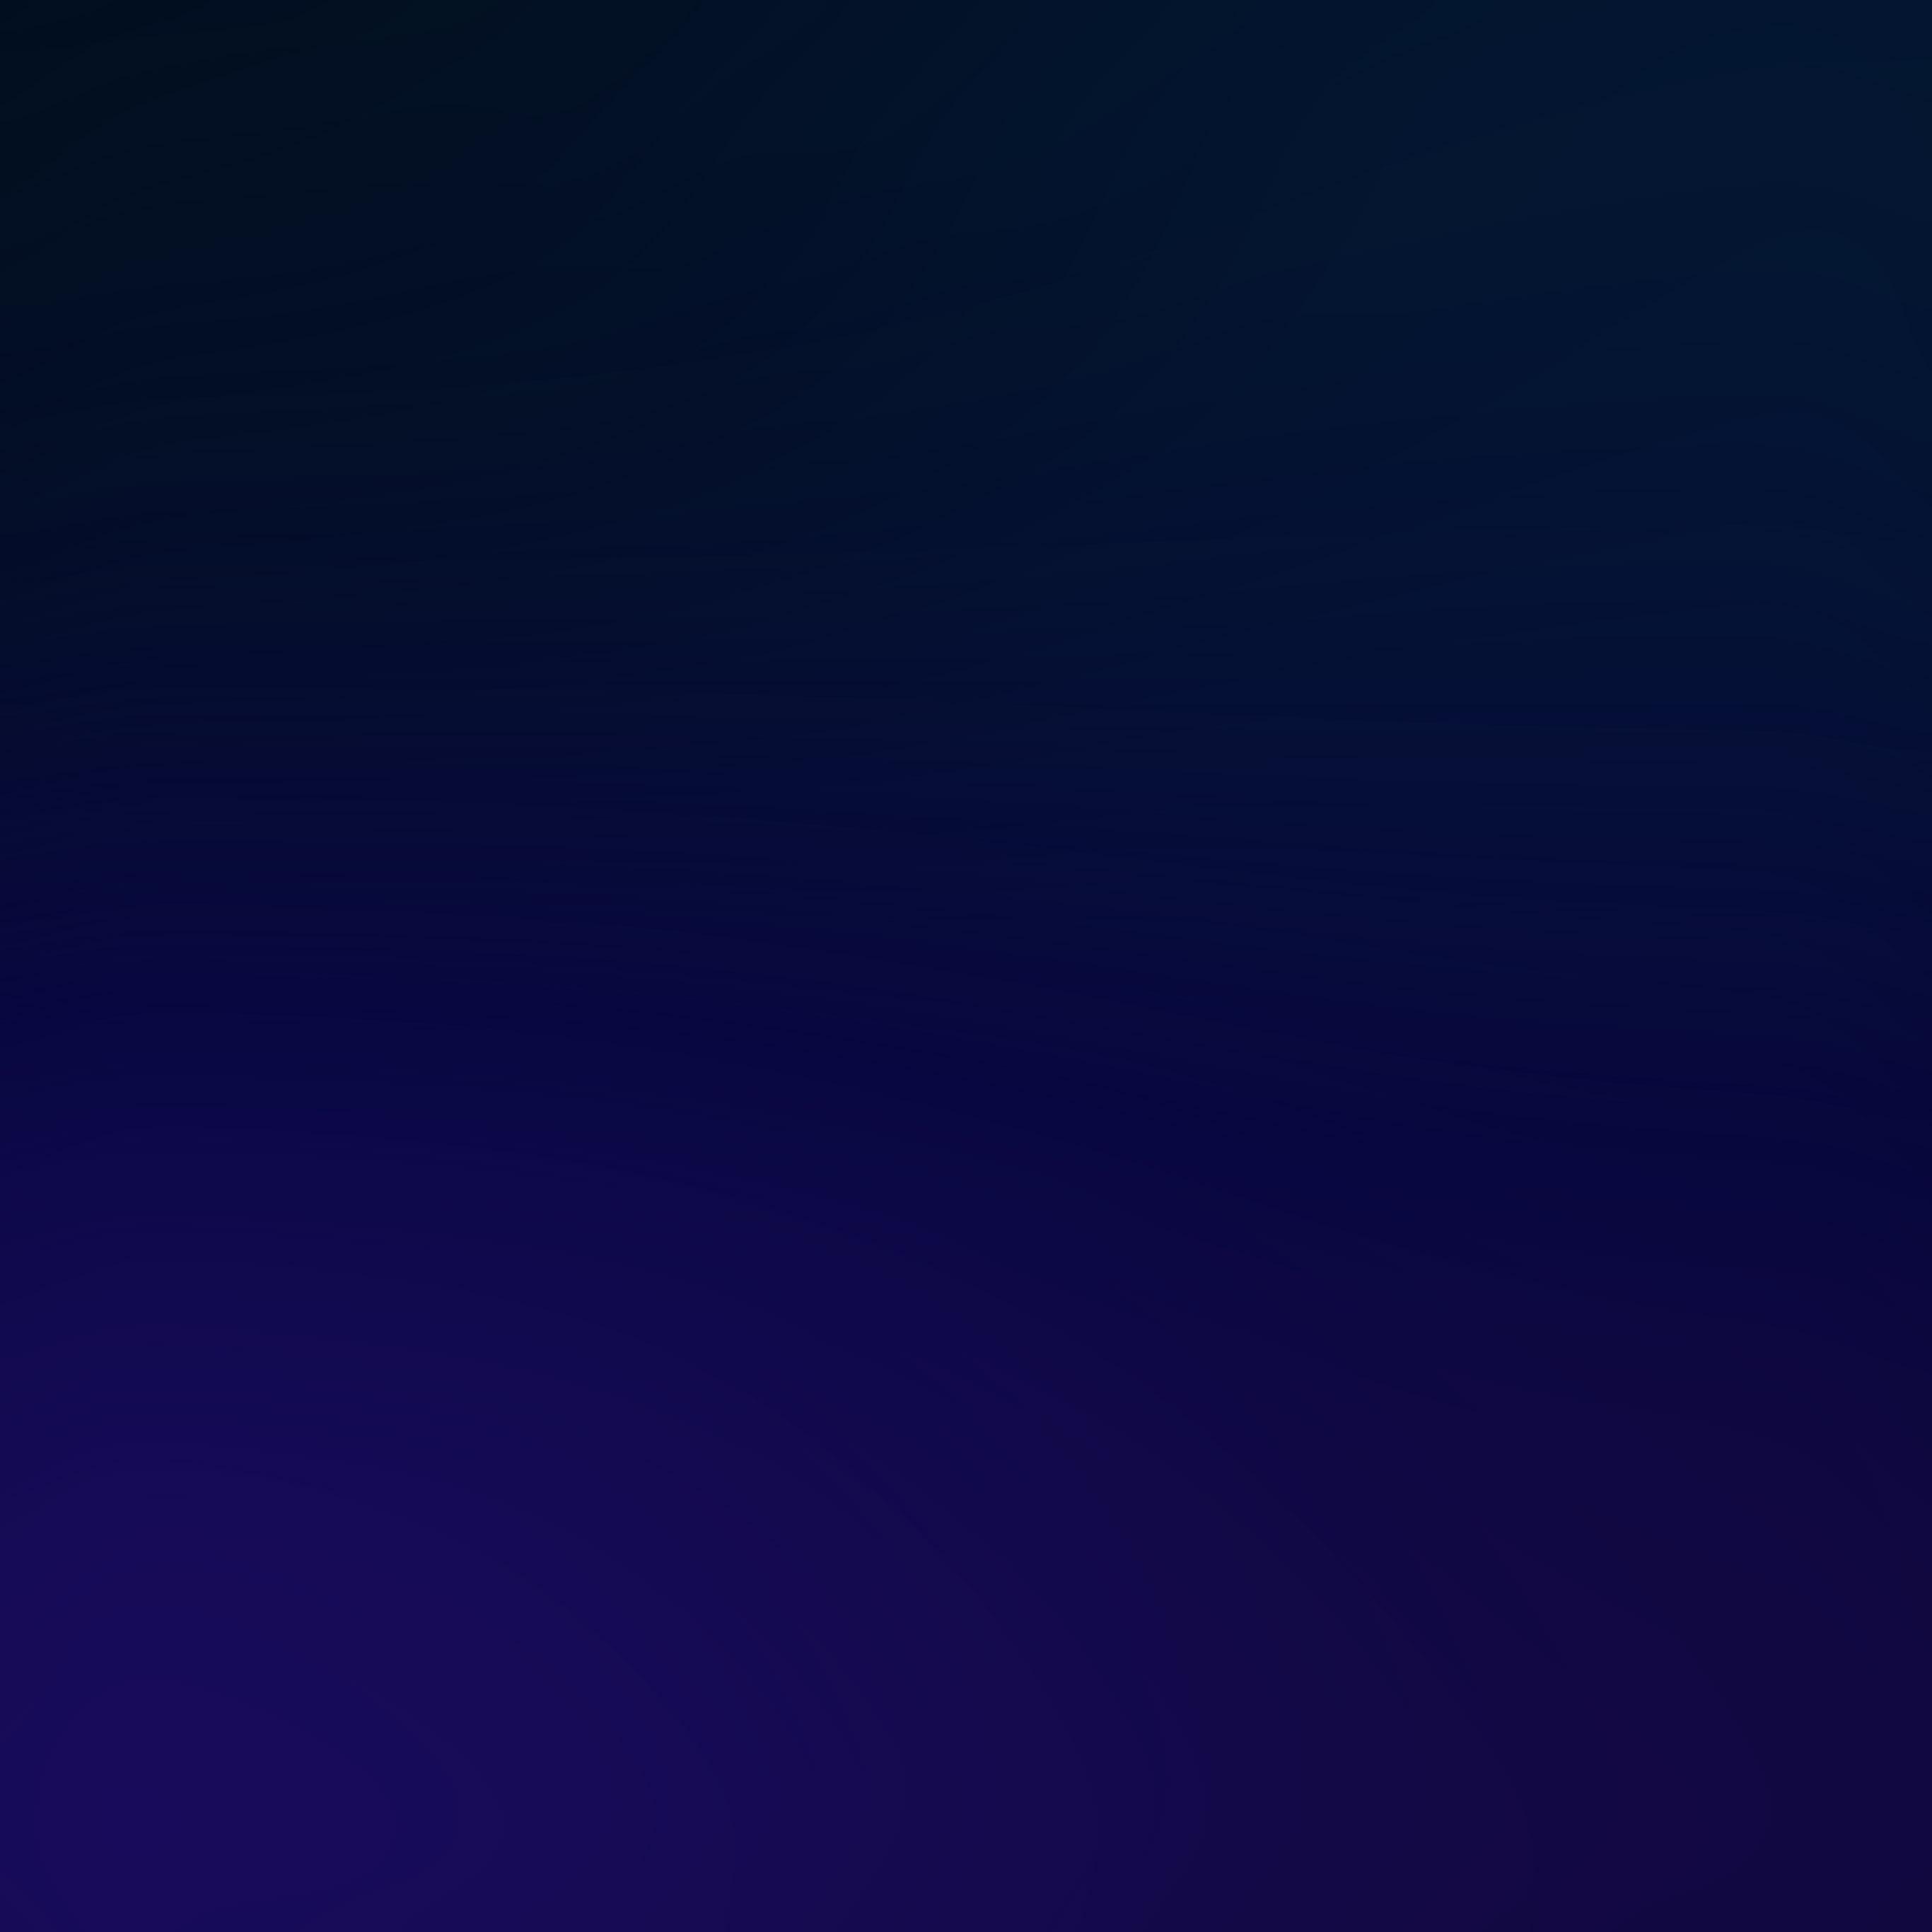 Best Ipad Wallpaper Hd Dark Pics